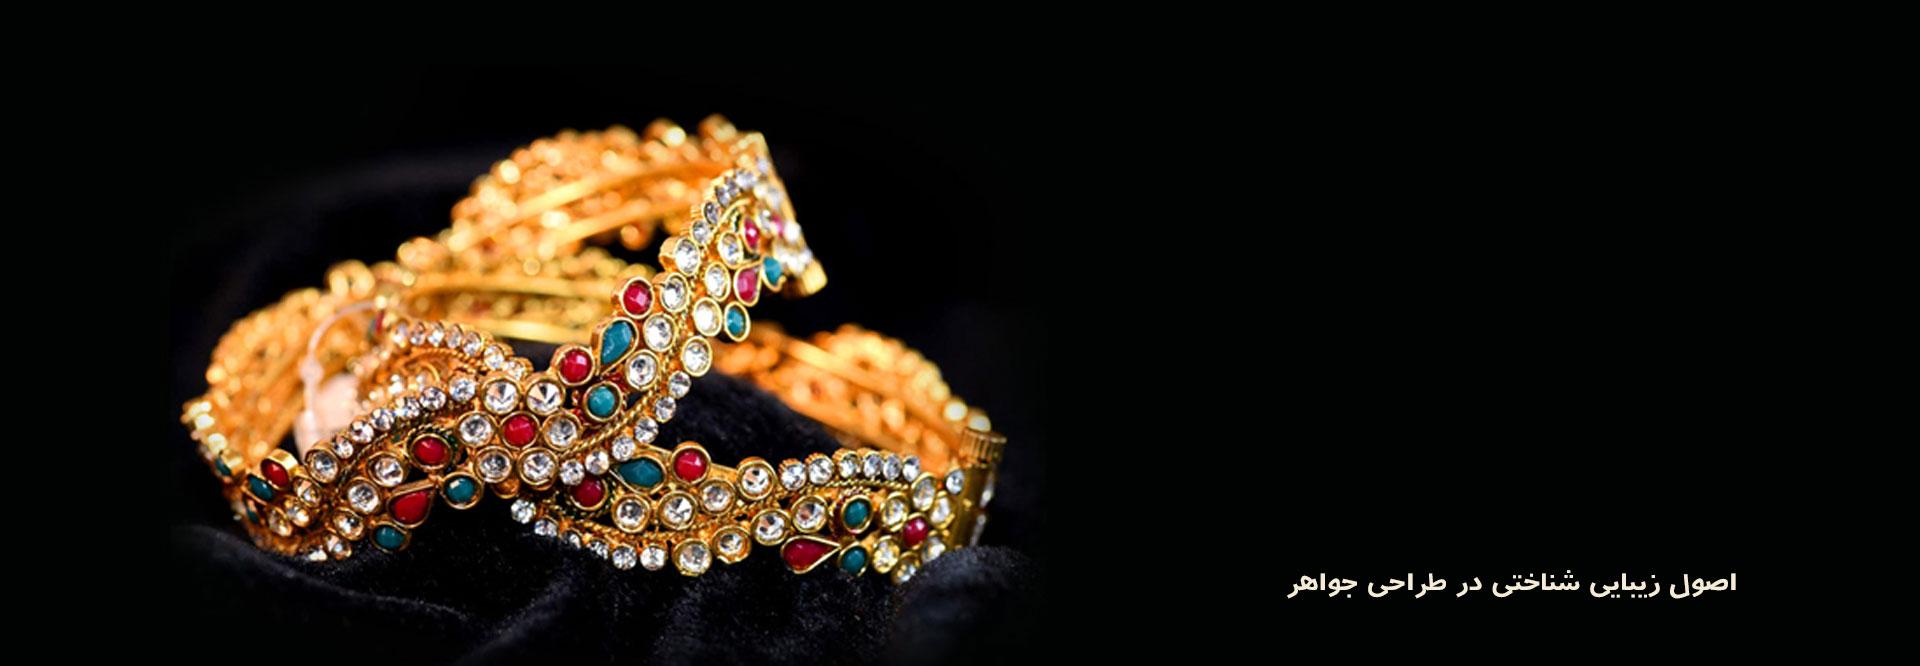 بررسی طراحی جواهرات